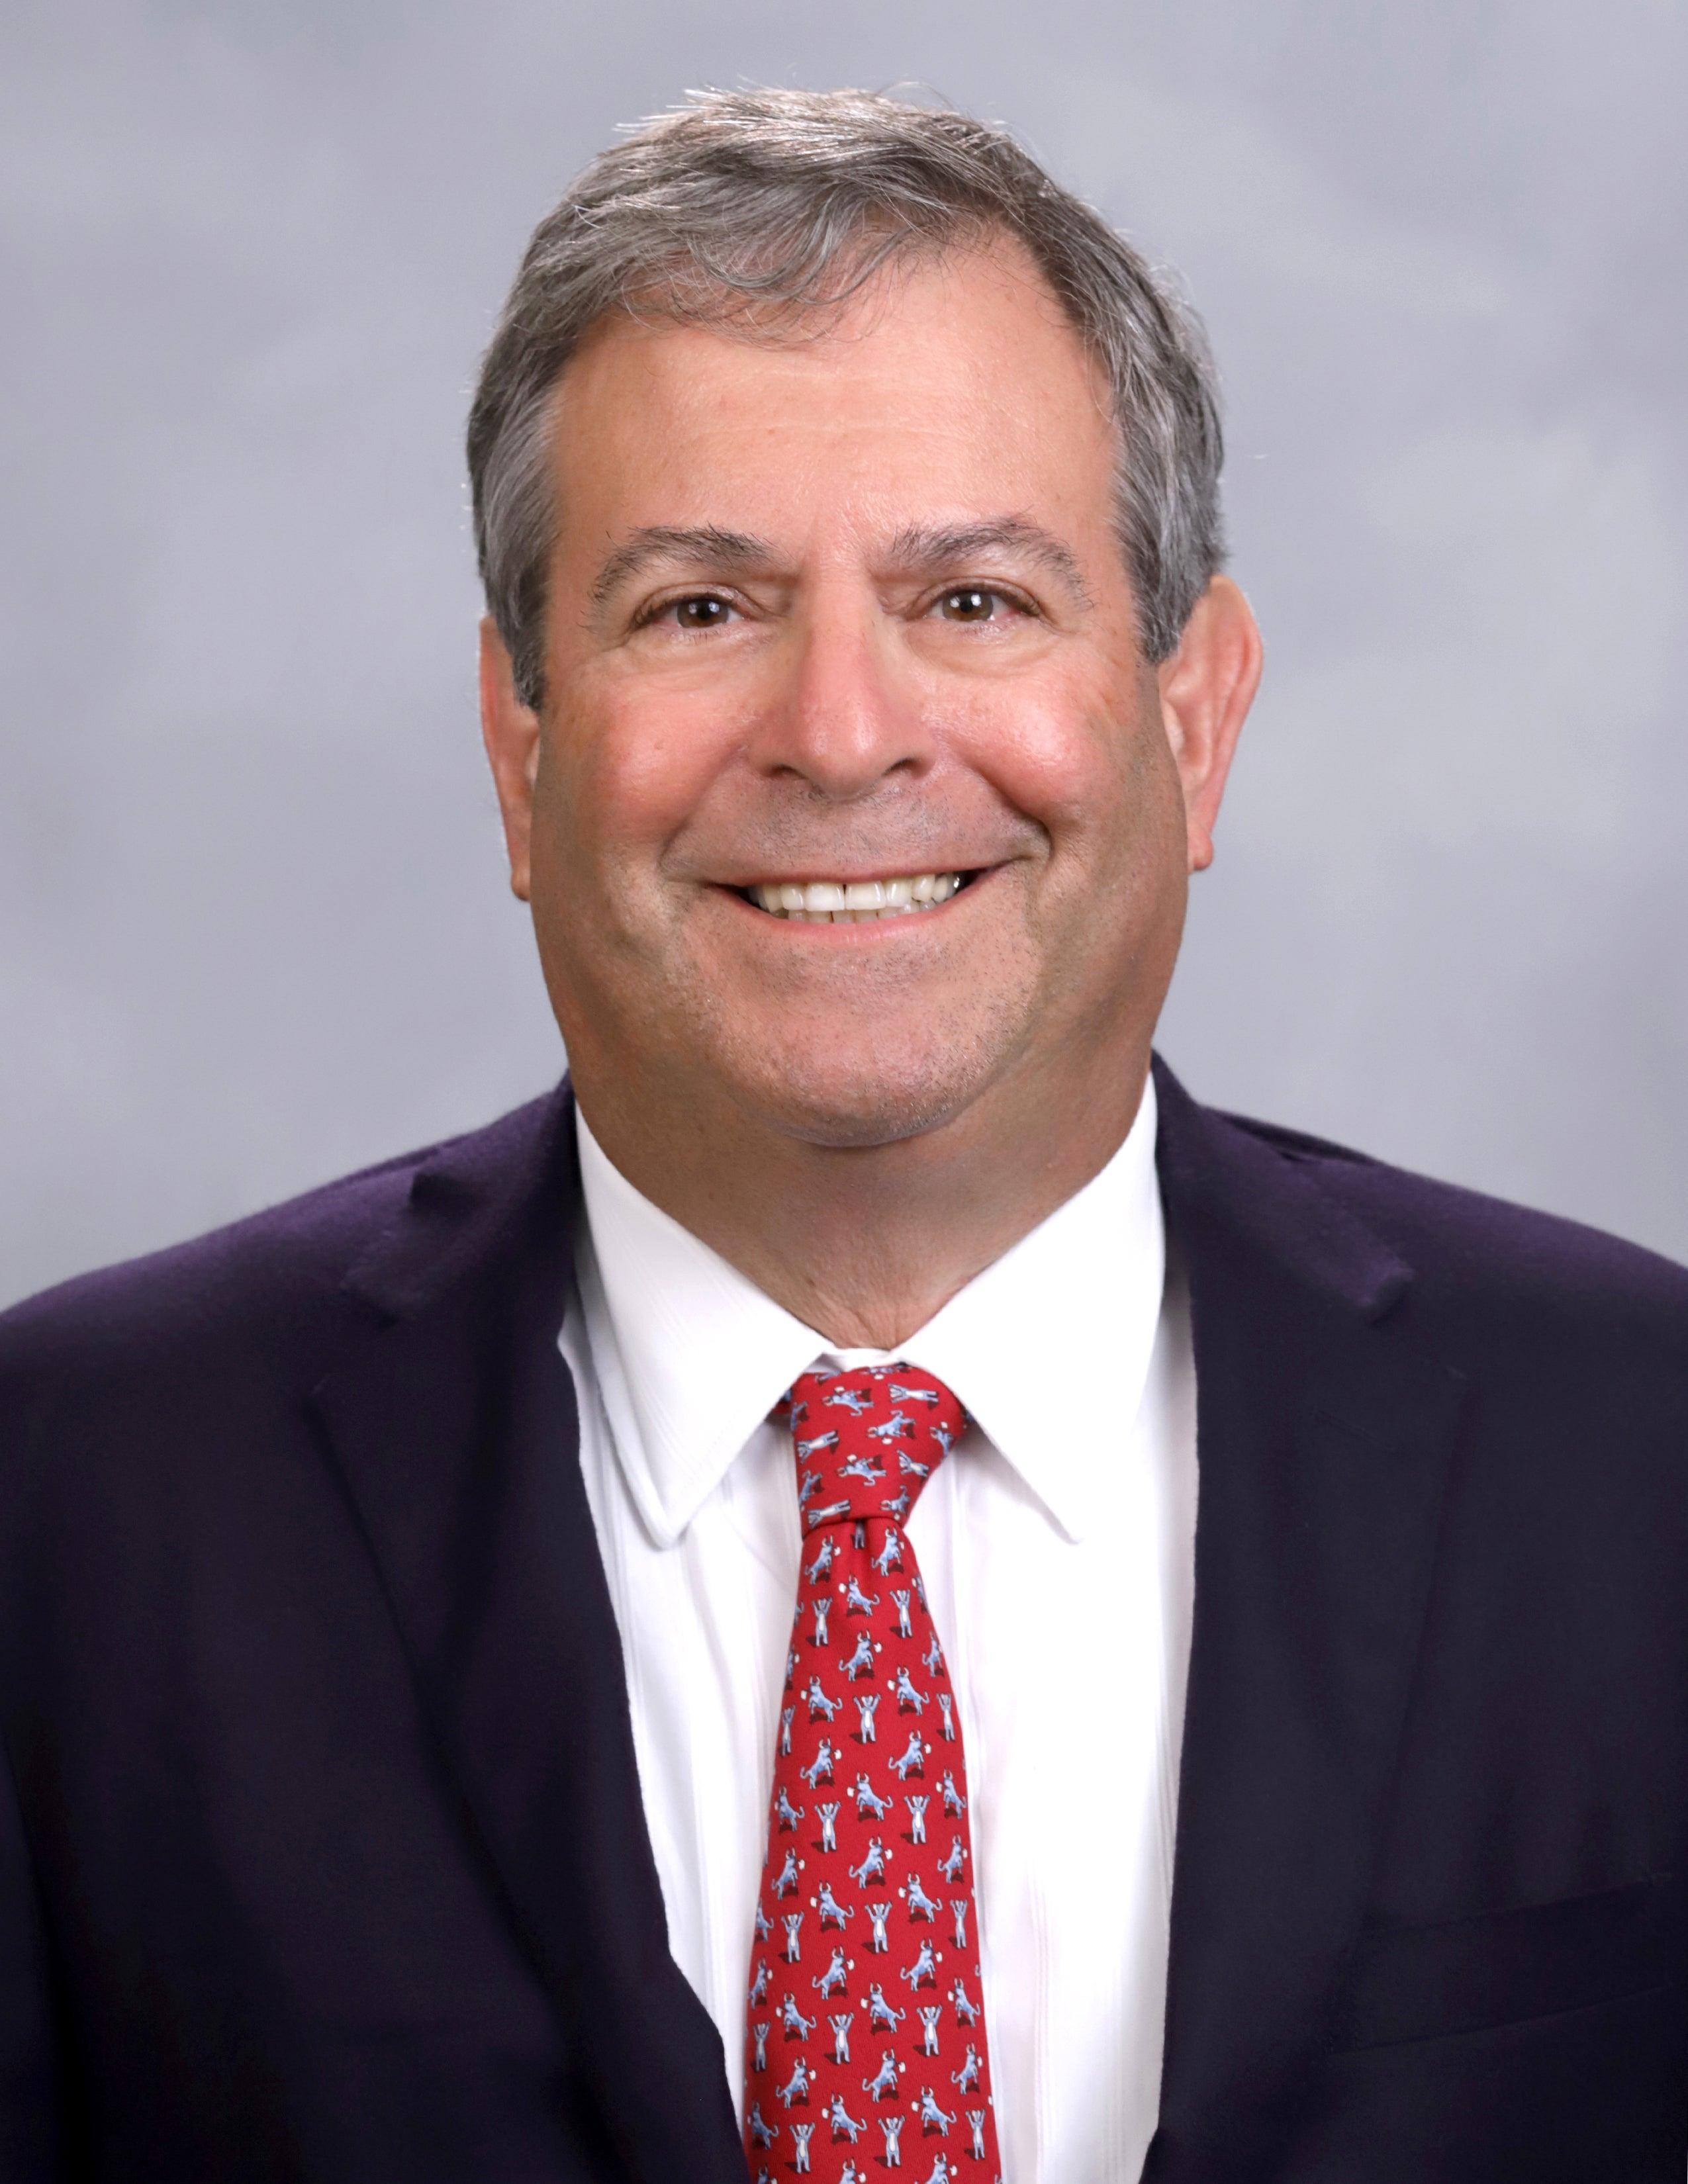 Marc R. Reinganum